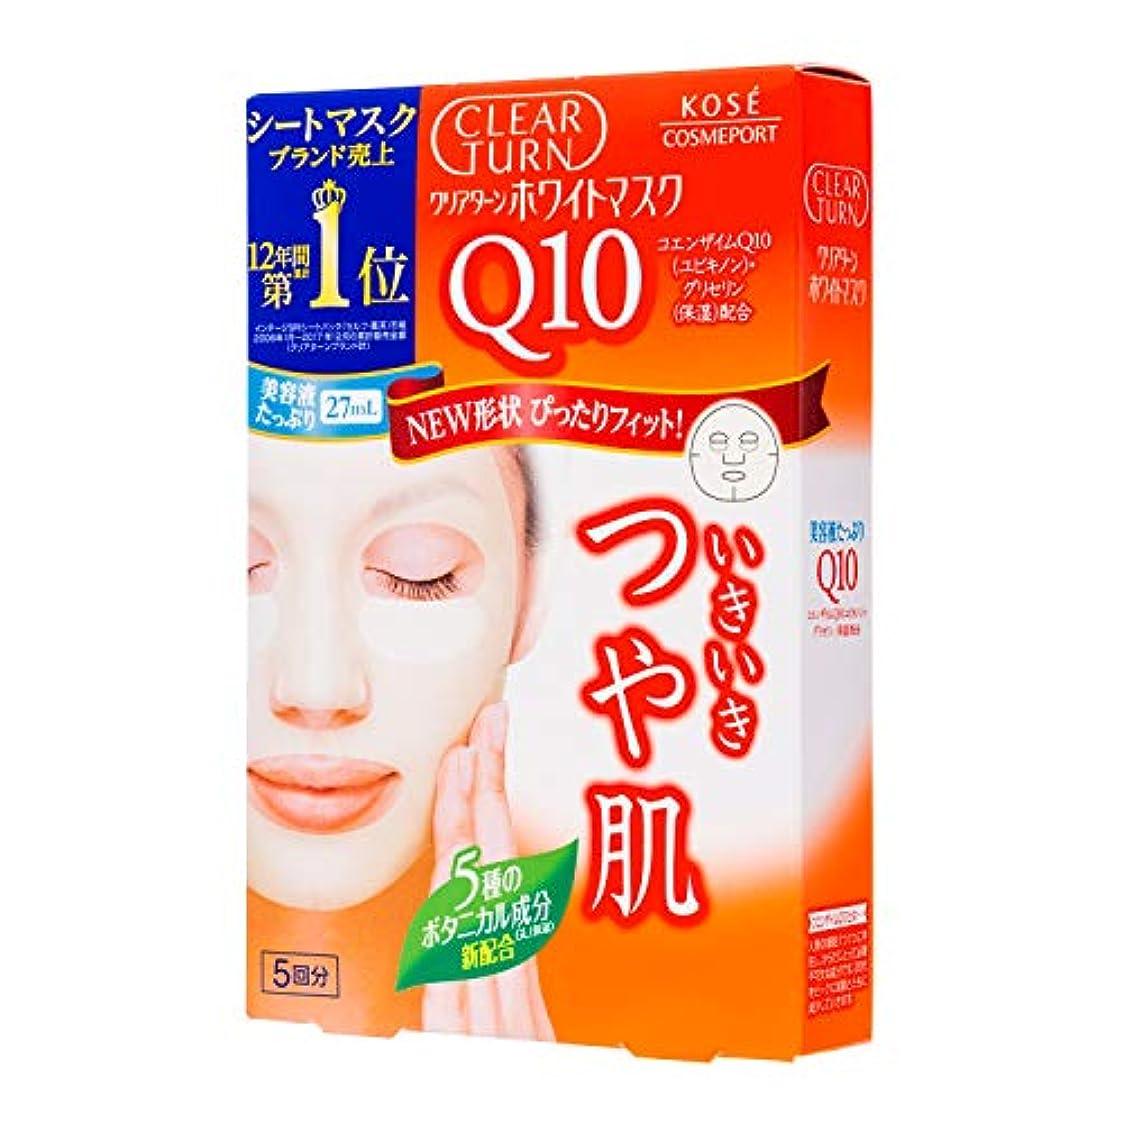 叙情的な純正インフラクリアターン ホワイト マスク Q10 c (コエンザイムQ10) 5回分